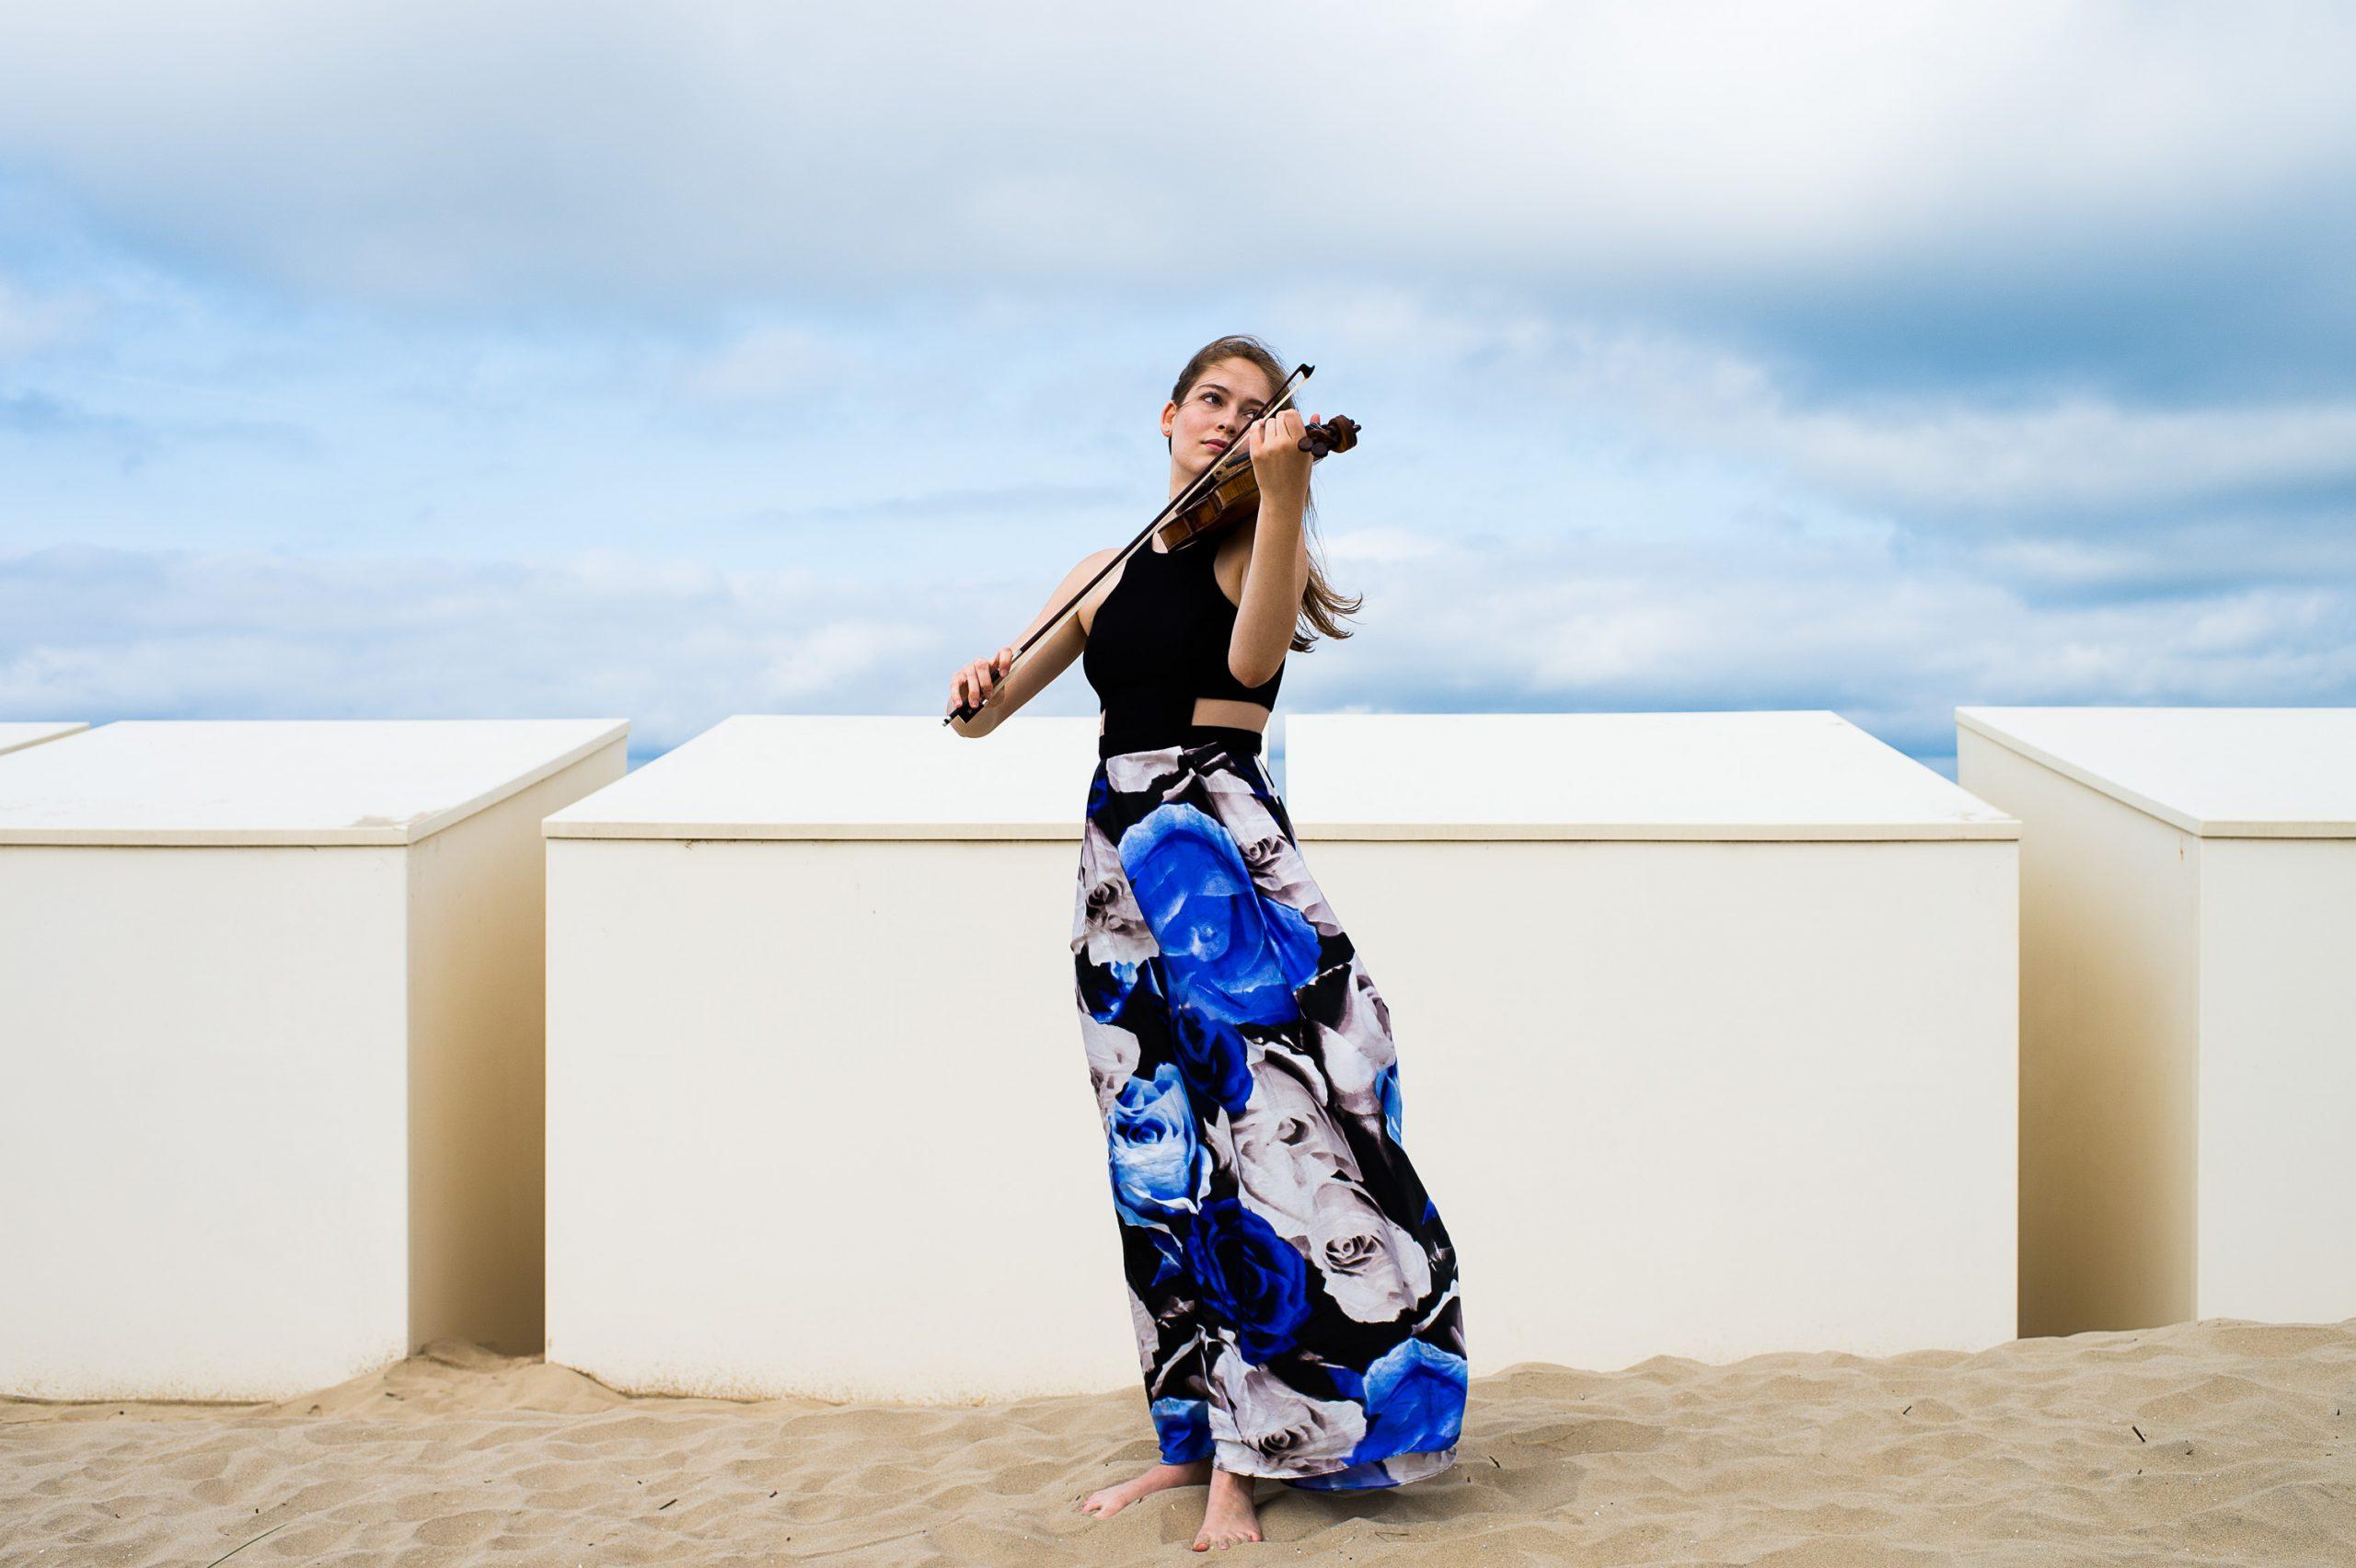 Geneva Lewis violinist